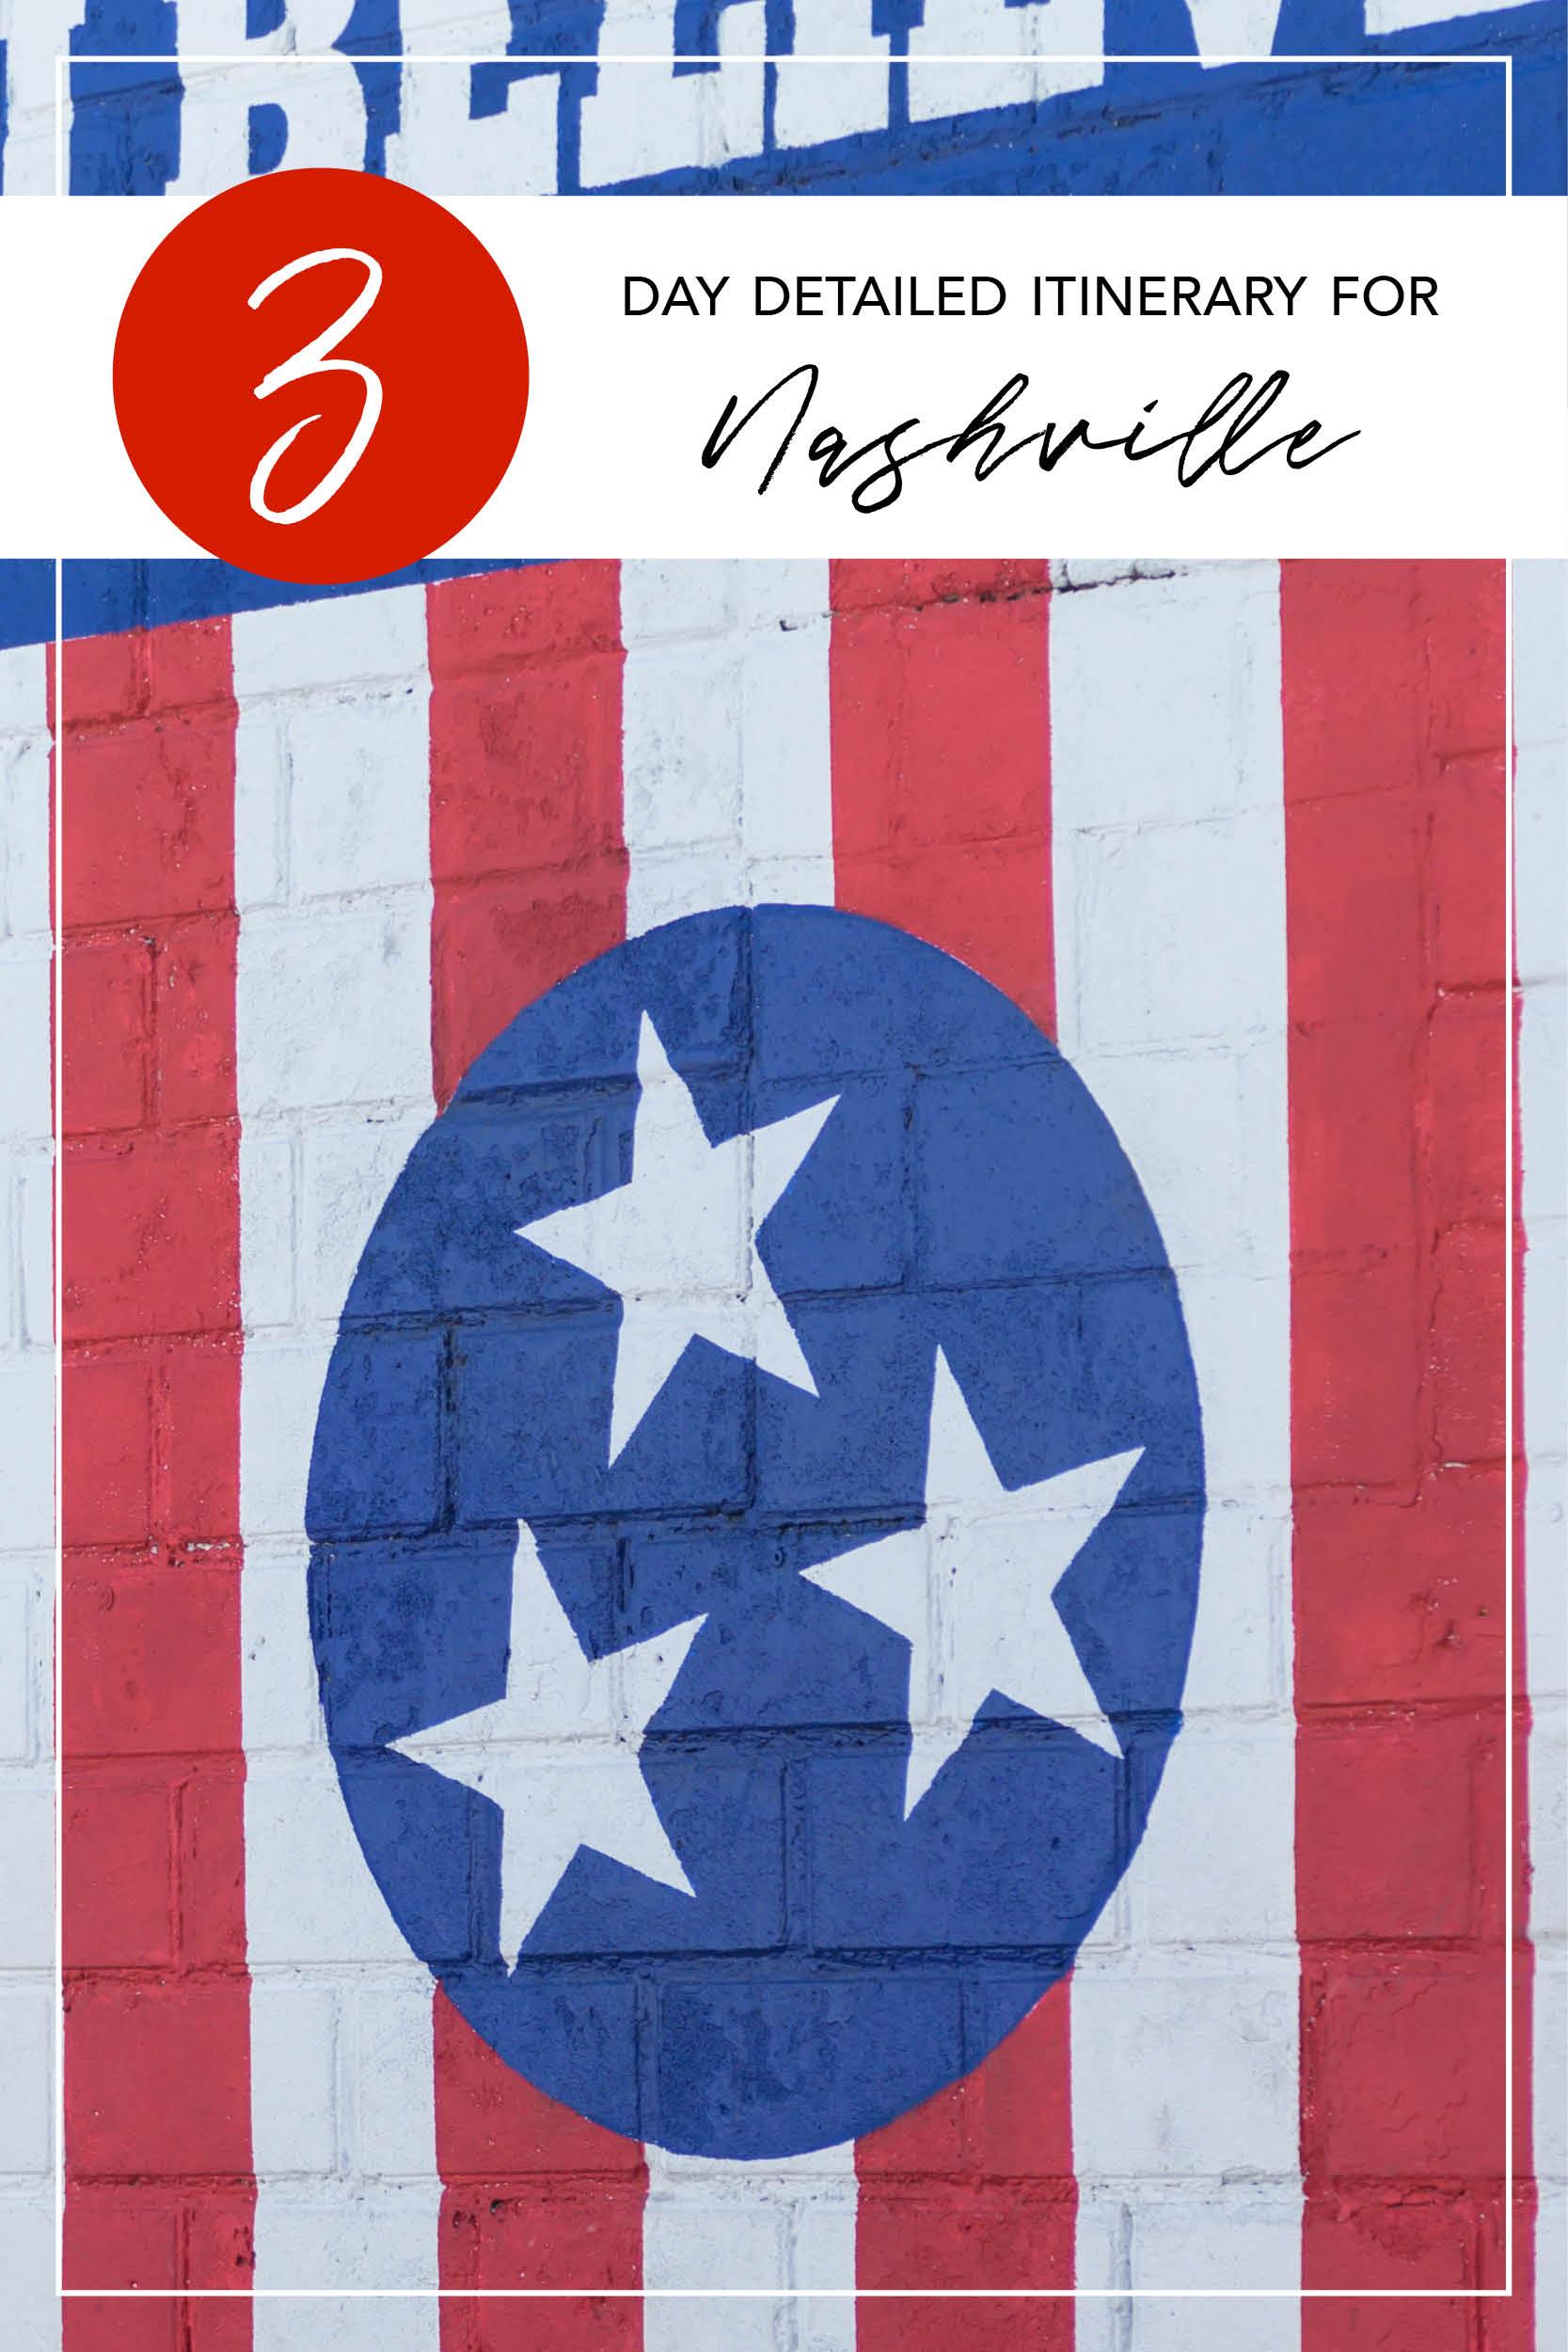 Studioist_Pinterest Design Travel_Nashville 72 Hour Itinerary4.jpg